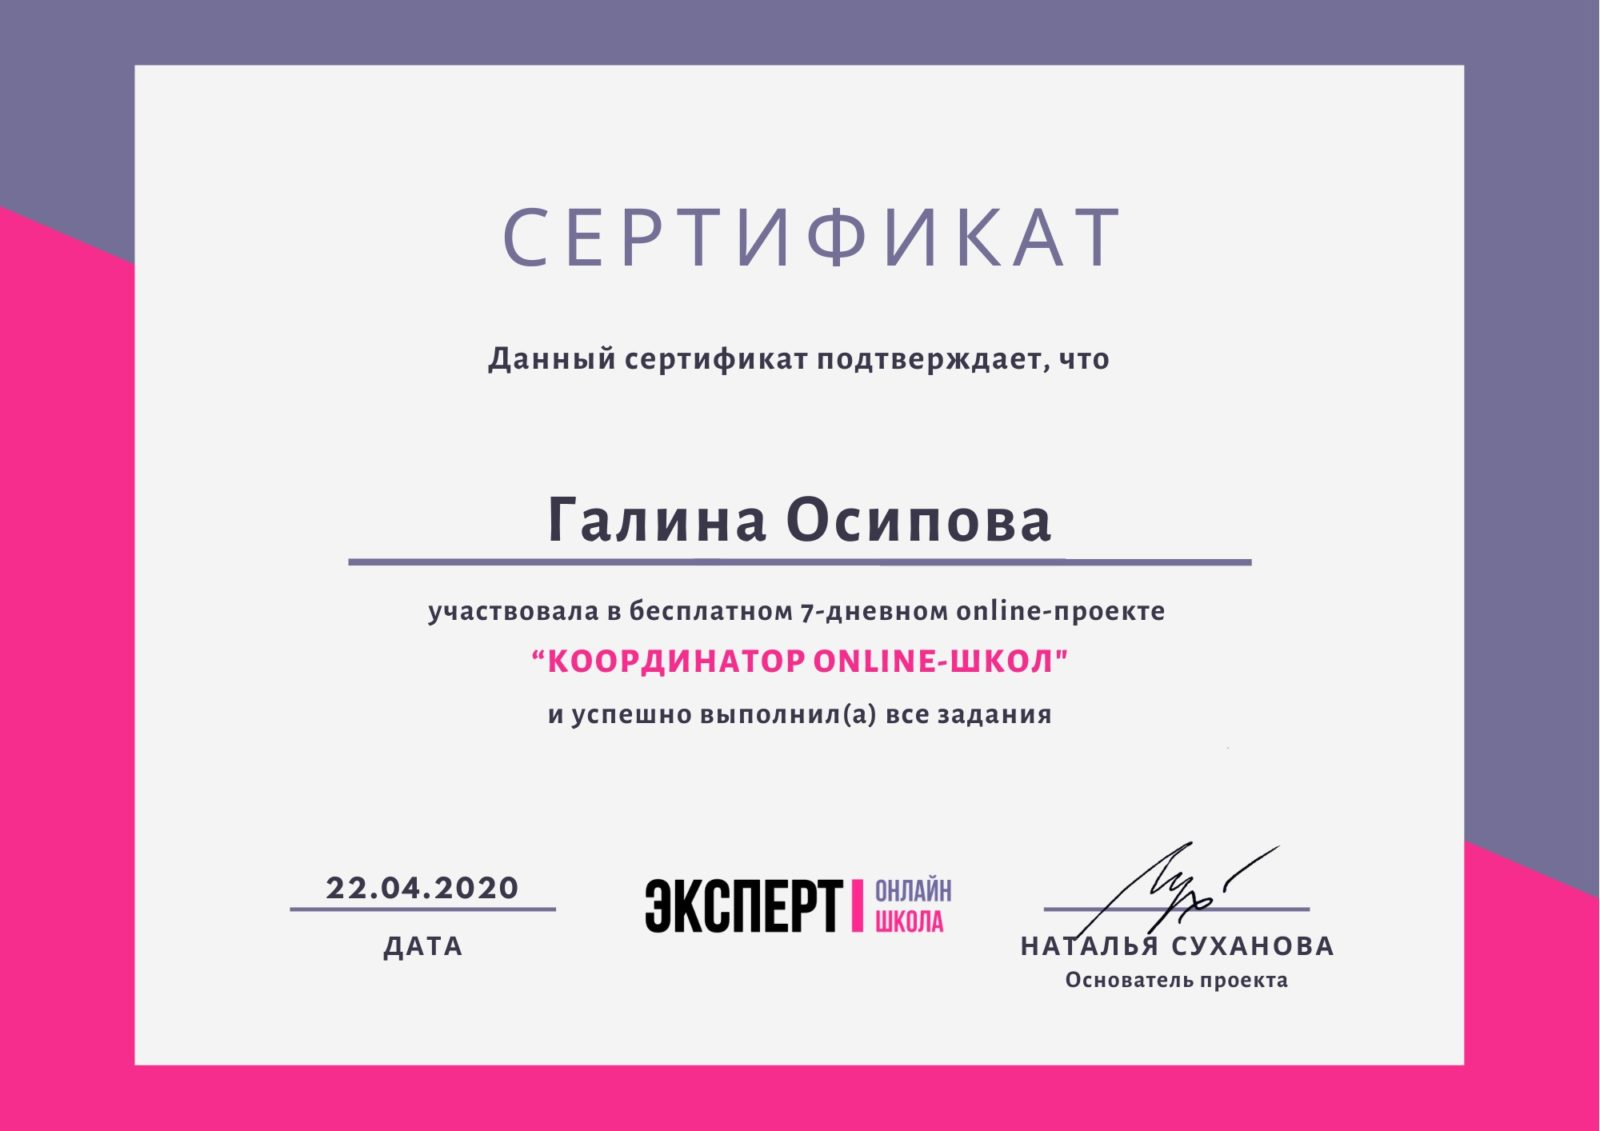 sertifikat marafon koordinator onlayn shkol